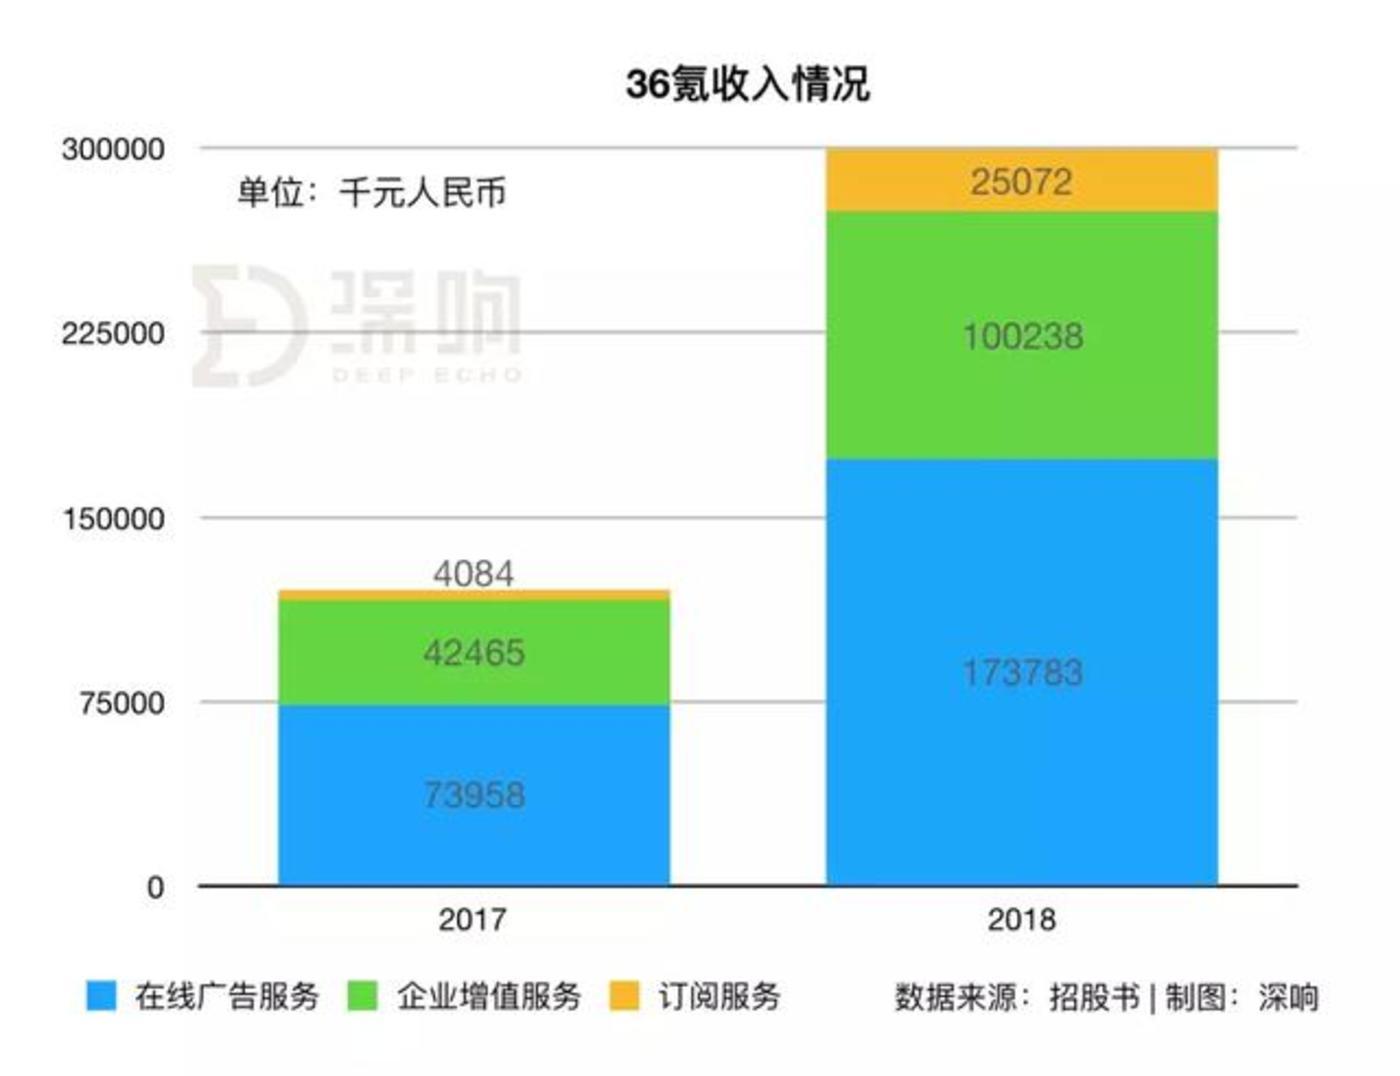 详解36氪招股书:上半年营收2亿元,冯大刚为第一大股东